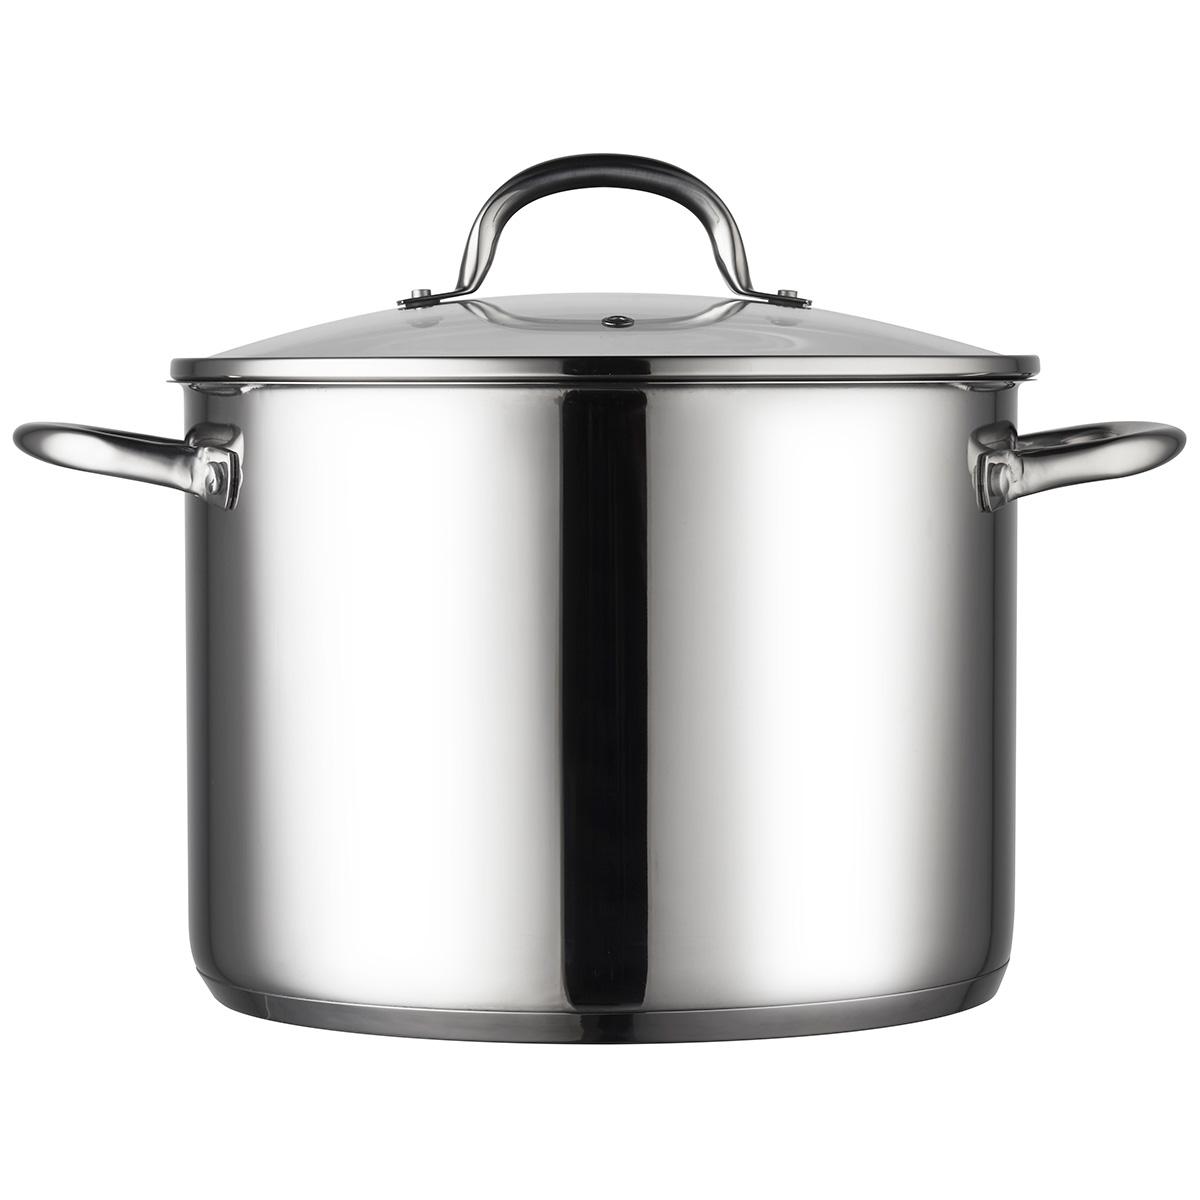 Image of   Funktion suppegryde - 10 liter